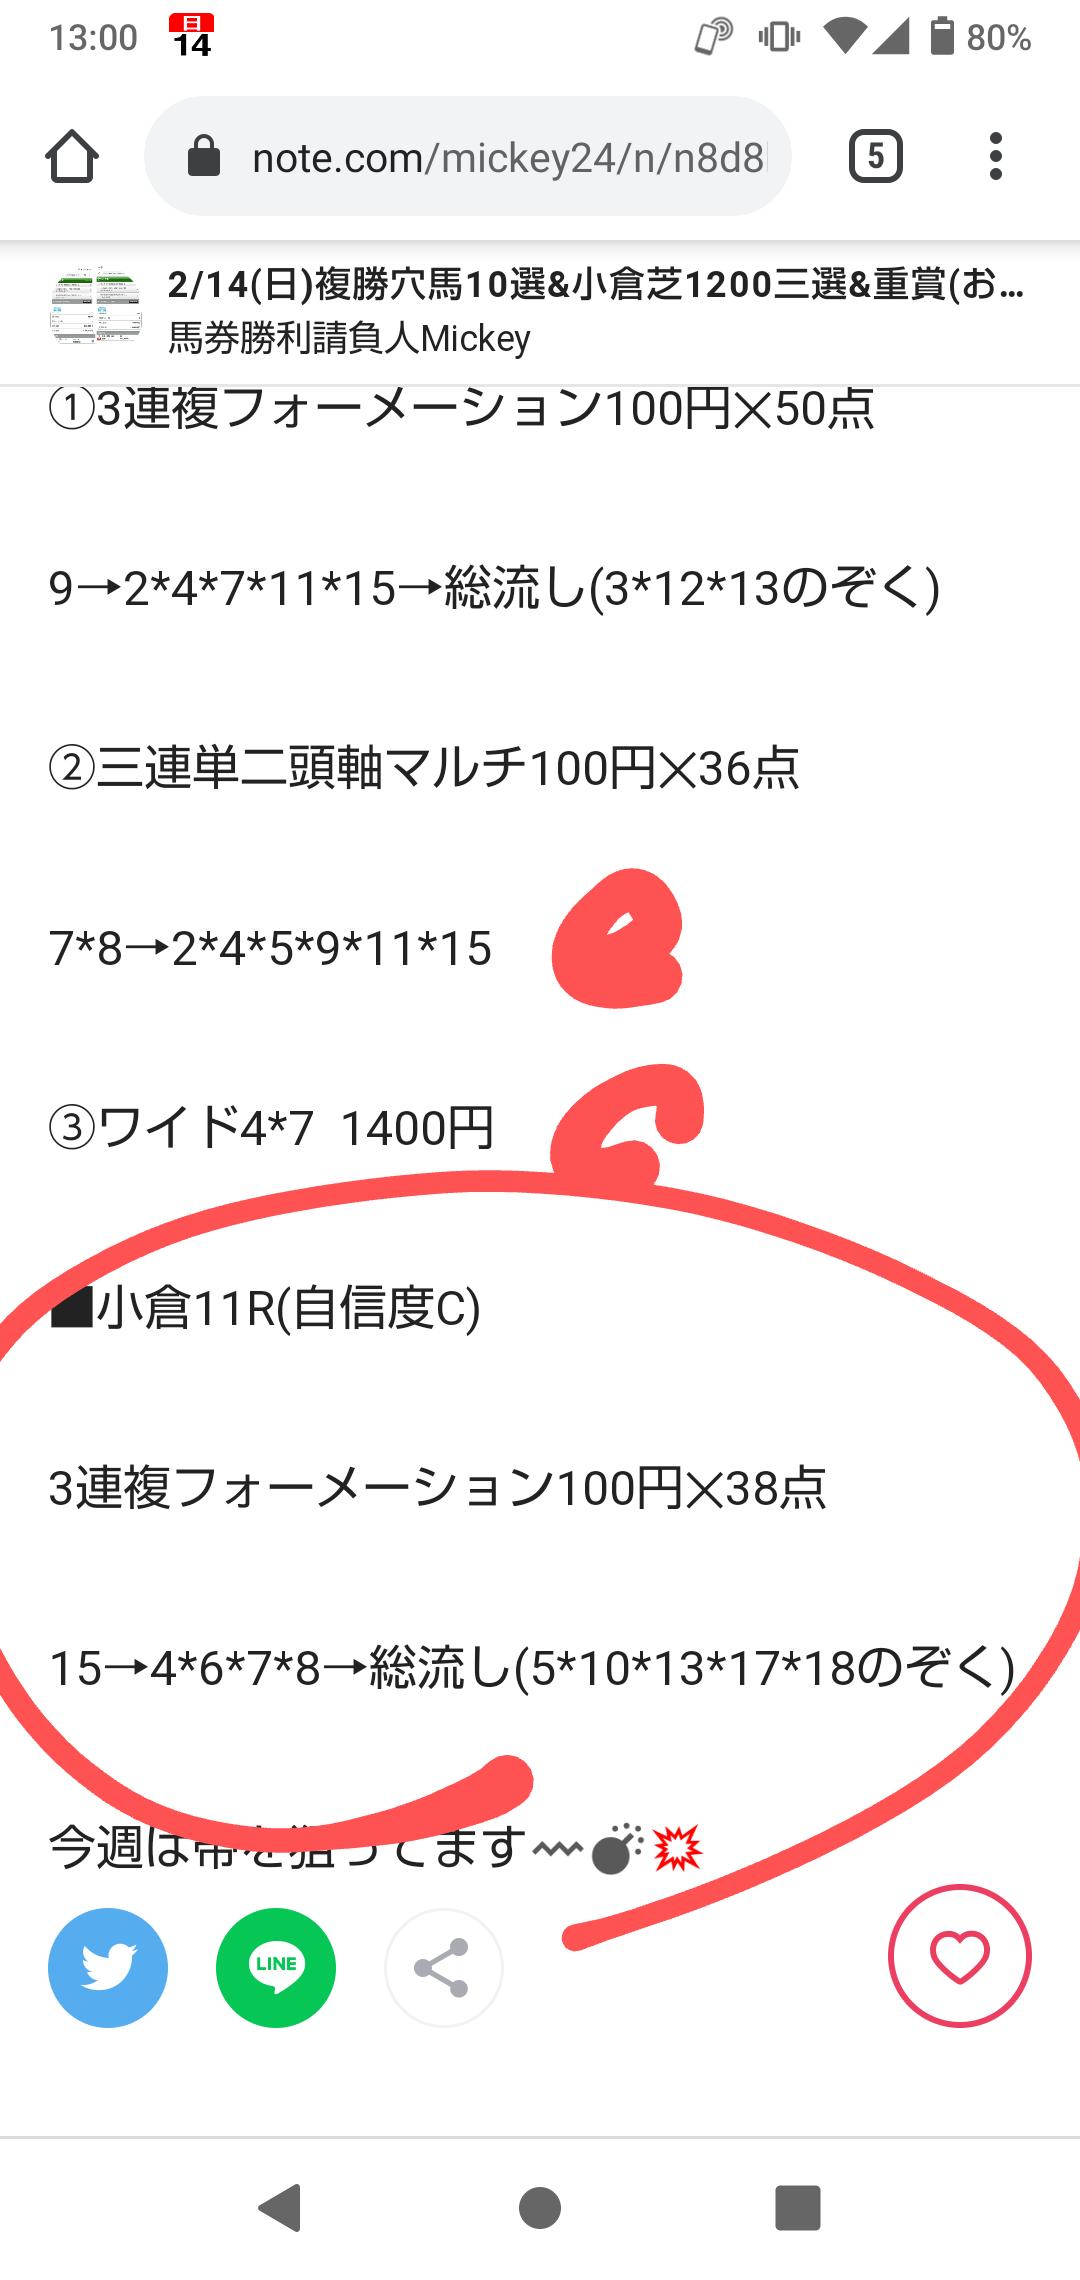 結果 払い戻し 競馬 京都 レース結果・払戻|ウマニティWIN5|競馬予想のウマニティ